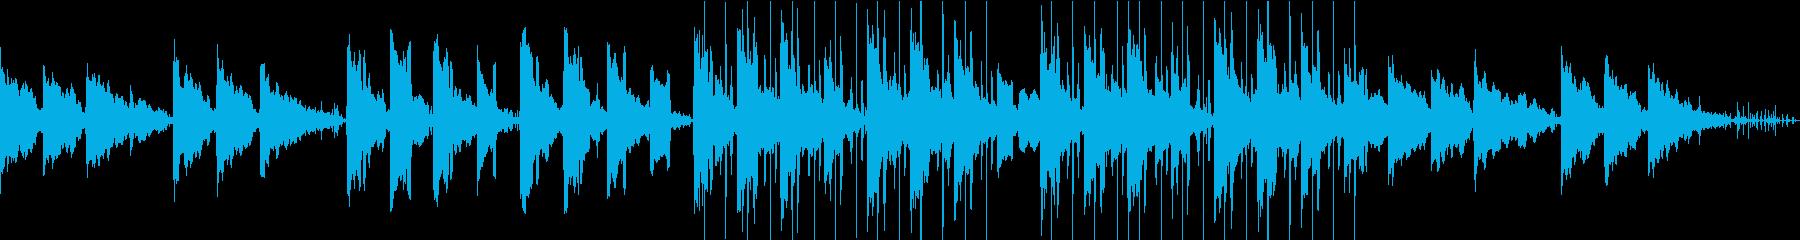 作業用・リラックス・チル系LoFiBGMの再生済みの波形